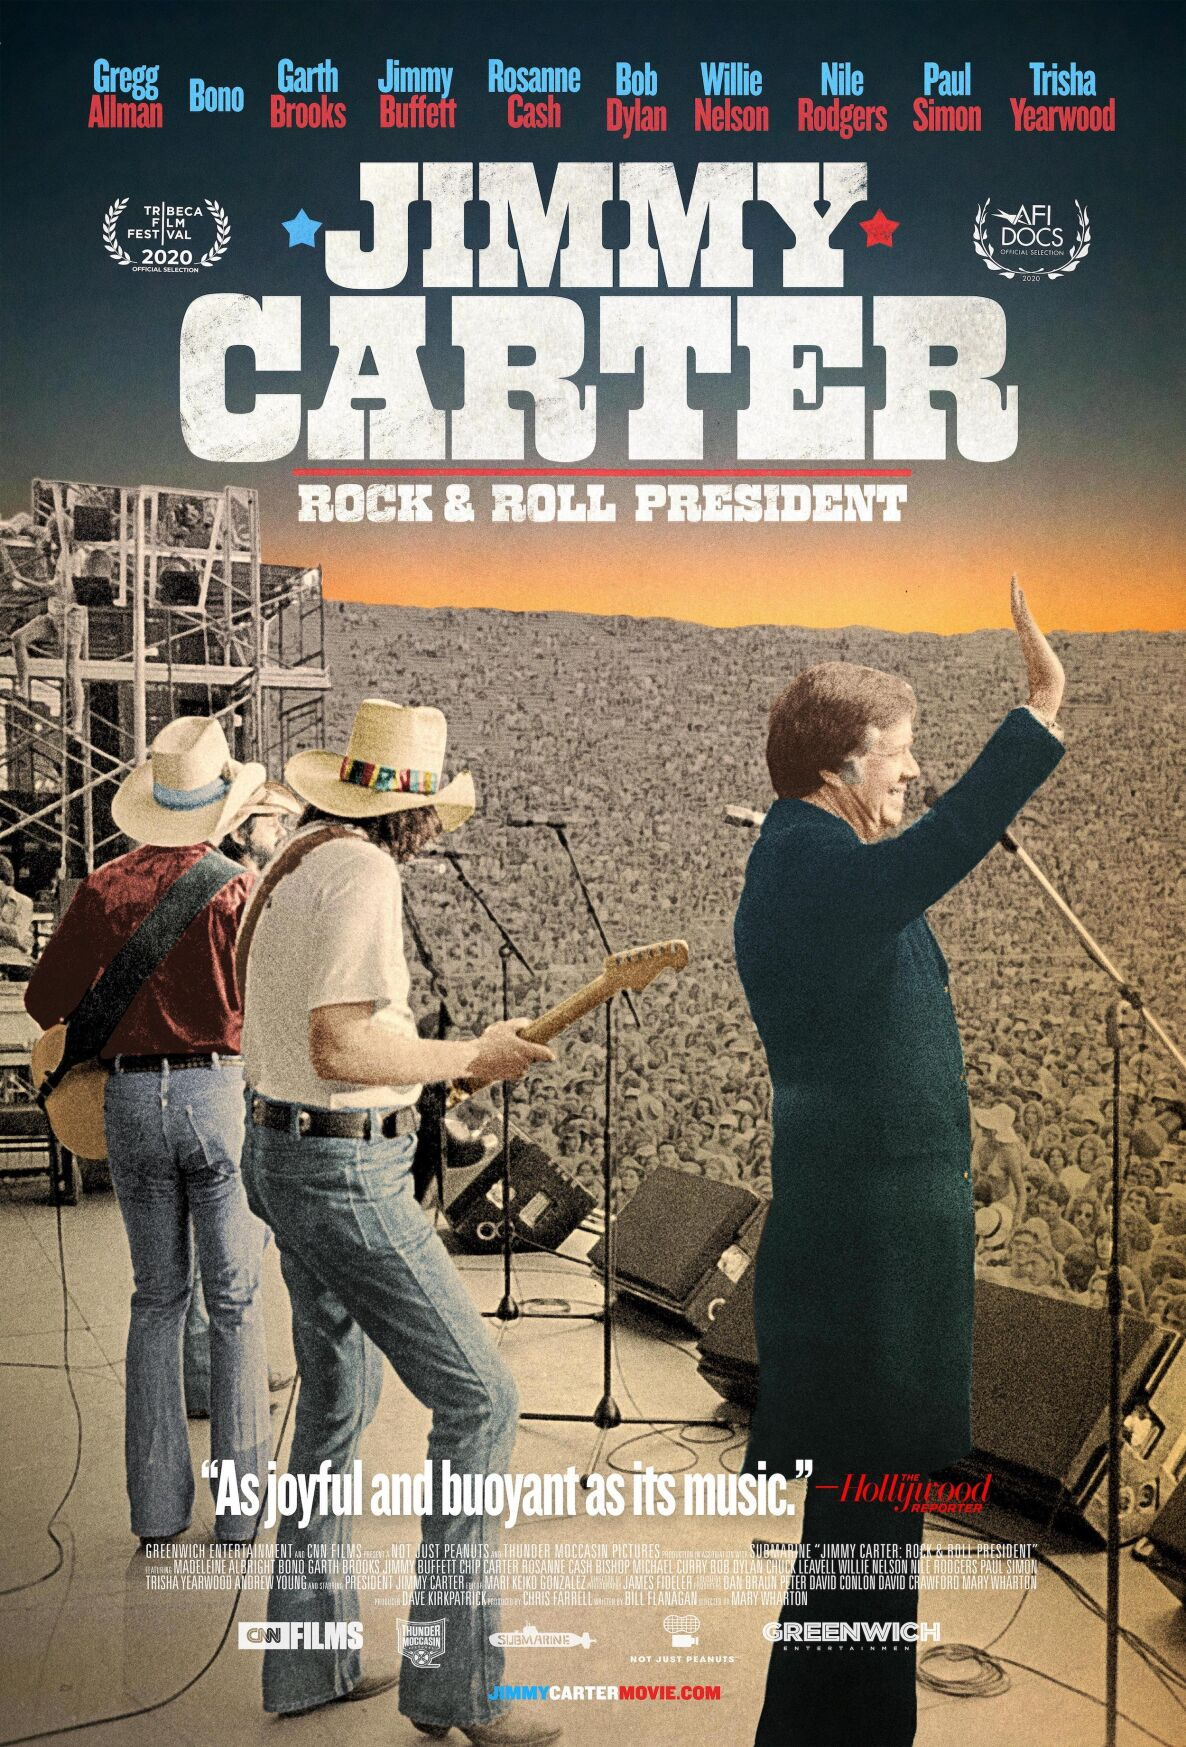 Poster for Jim Carter Rockumentary